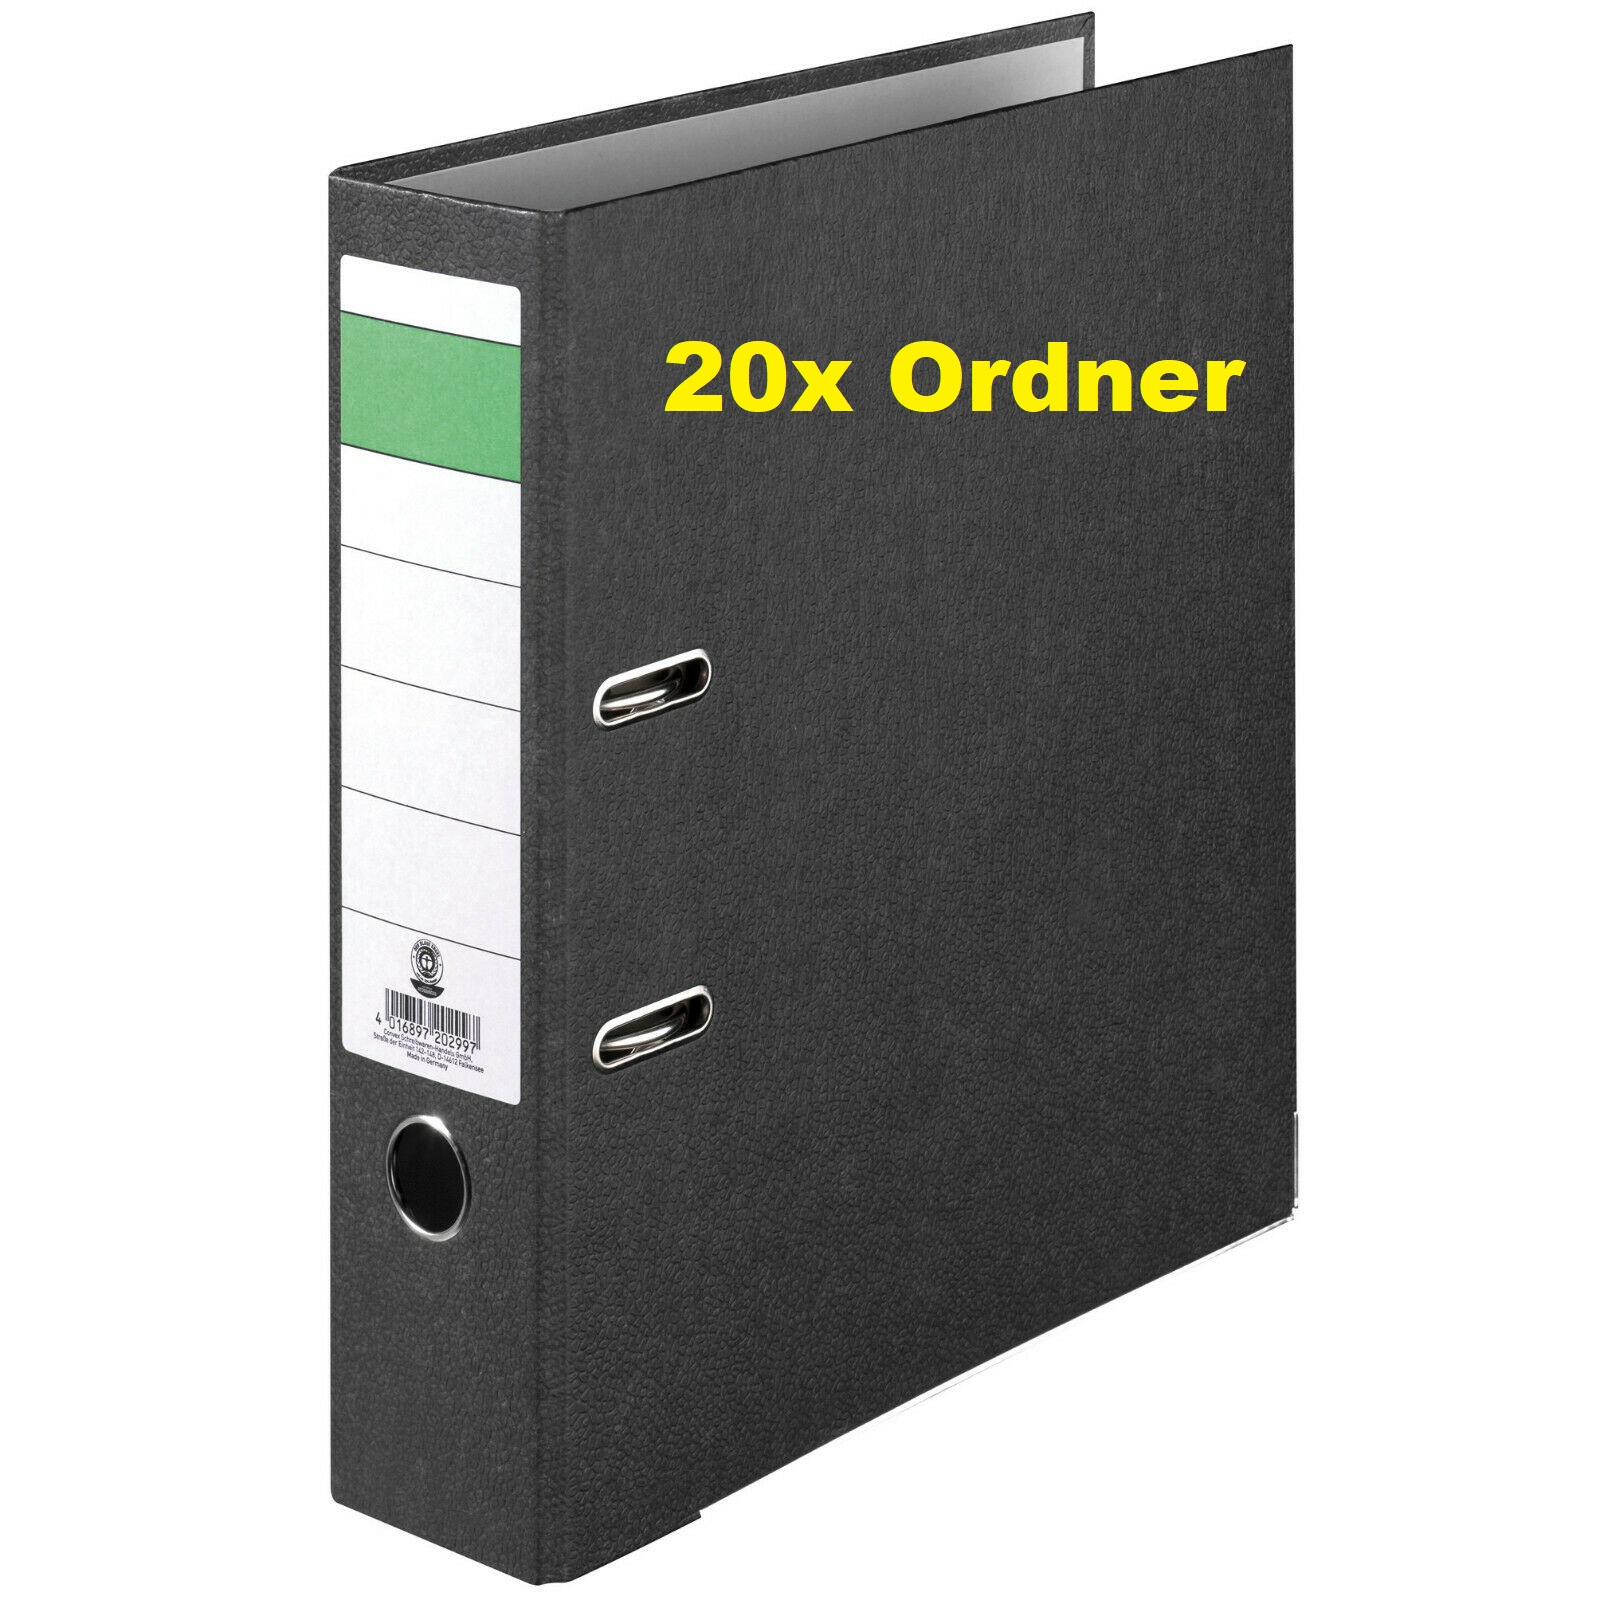 20x Ordner Economy DIN-A4, 8cm Wolkenmarmorbezug schwarz Aktenordner Briefordner